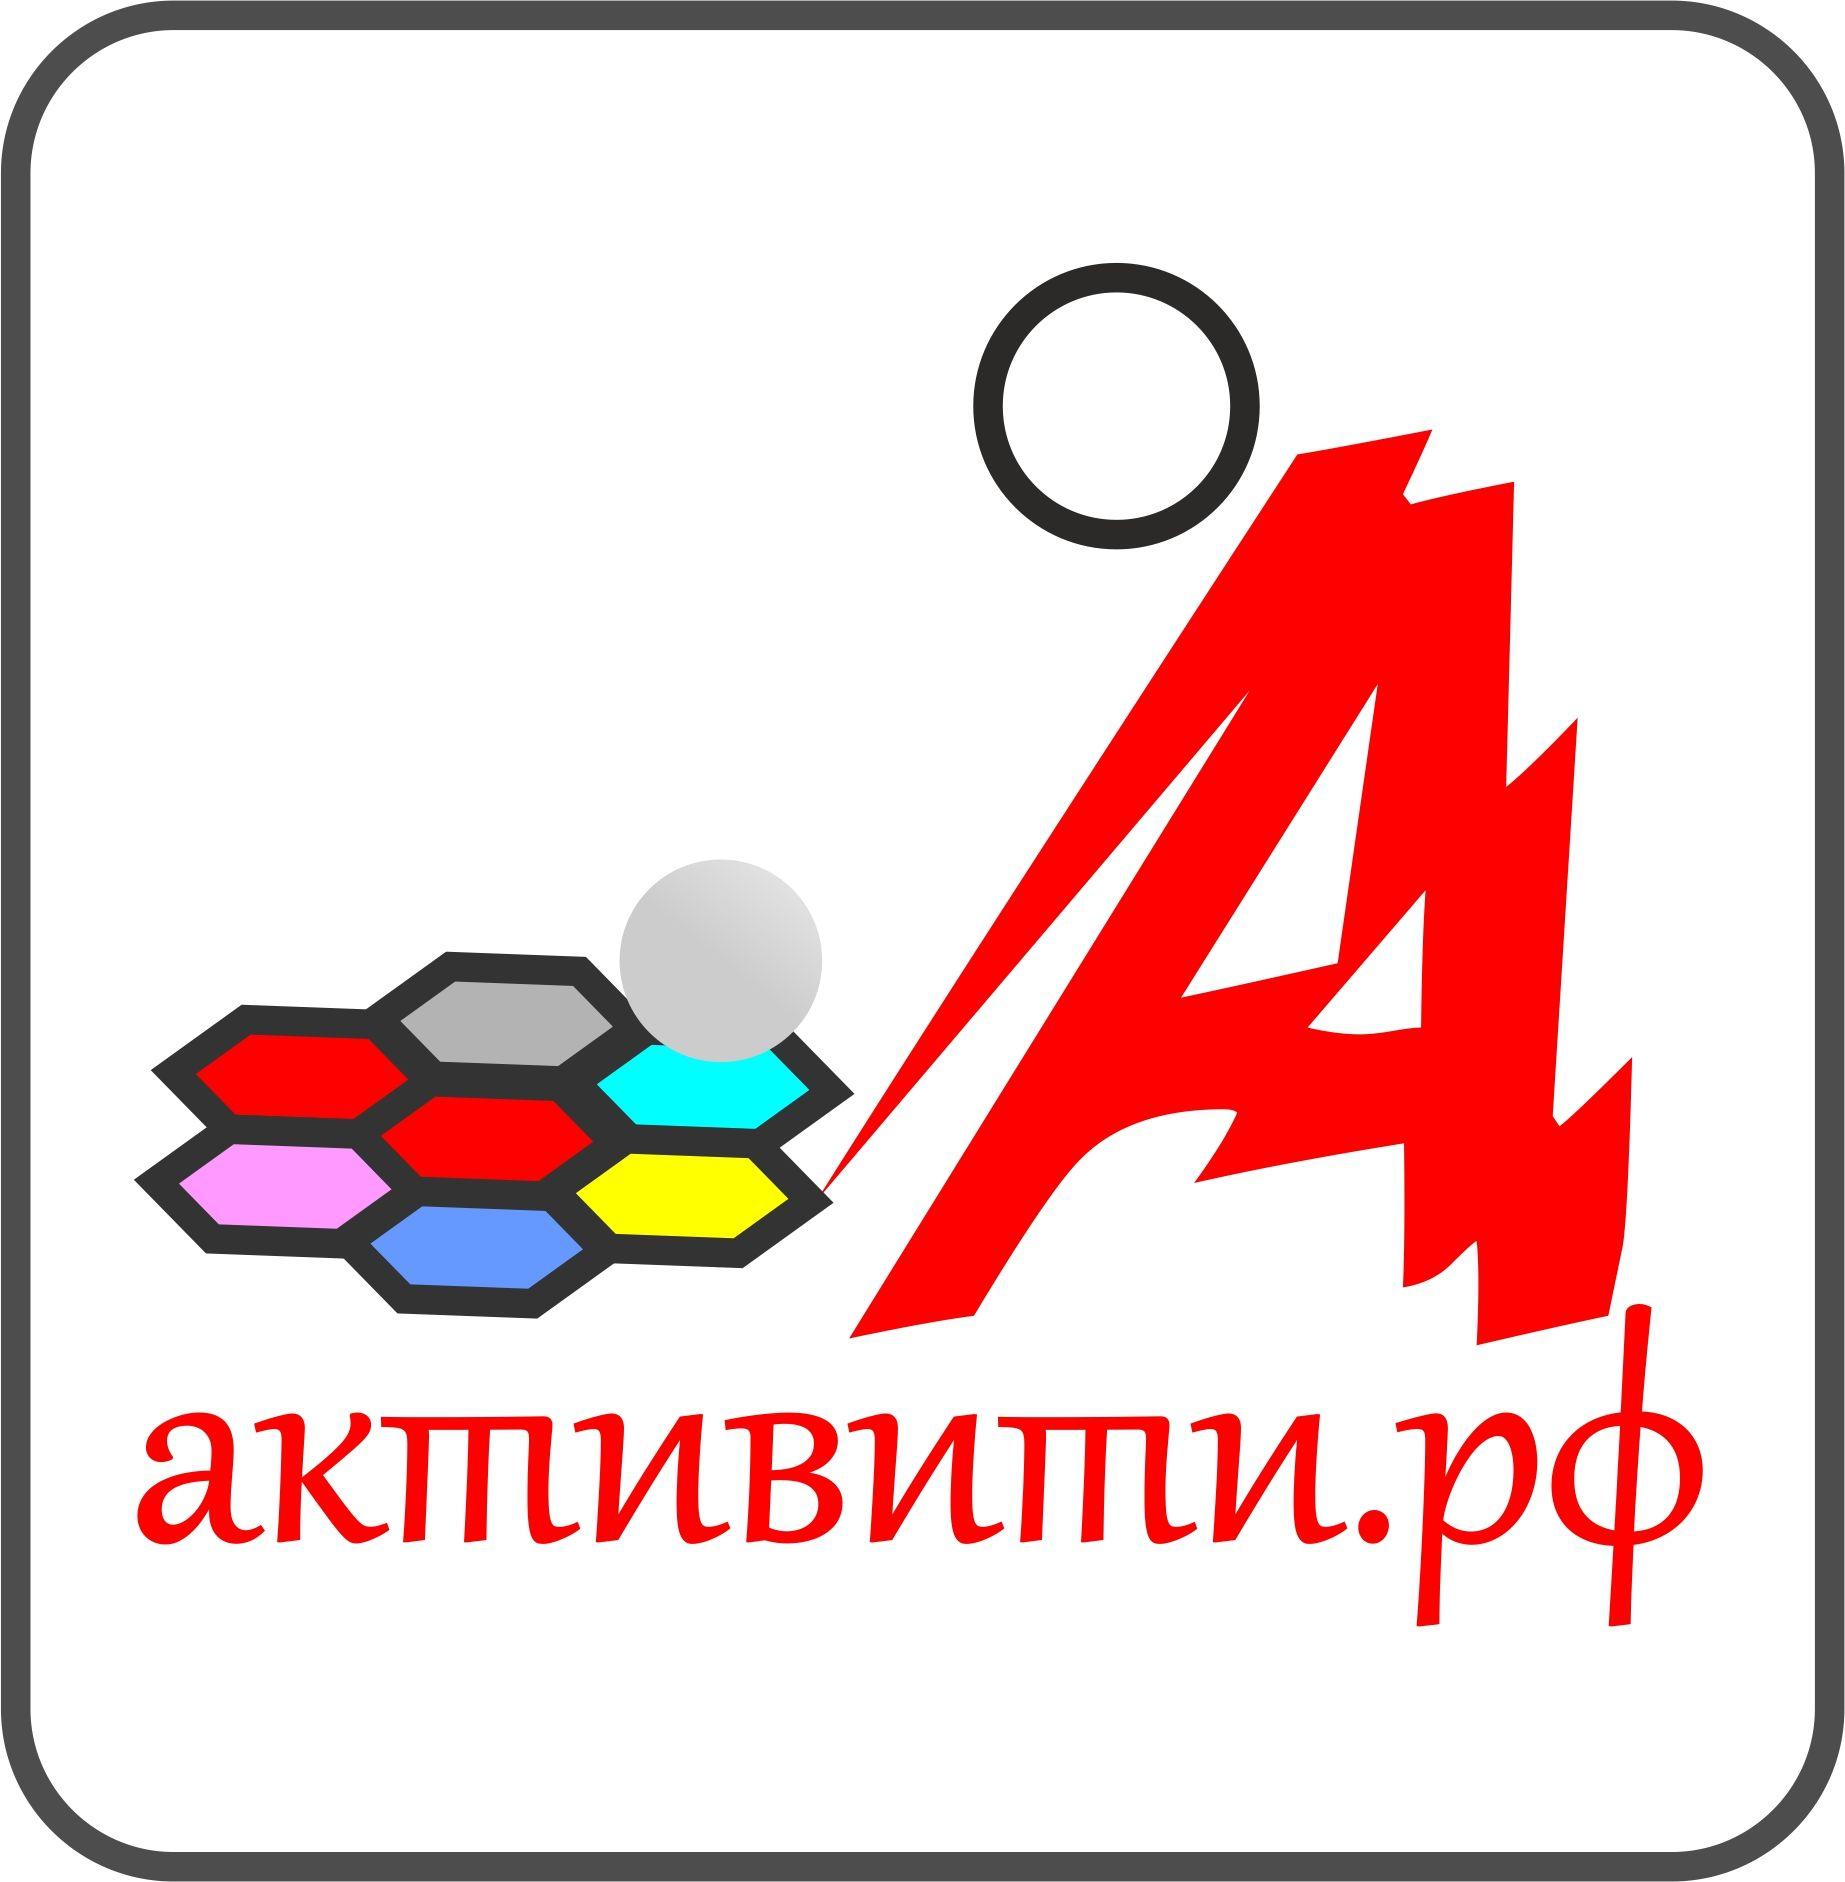 Логотип магазина активити.рф - дизайнер AnatoliyInvito